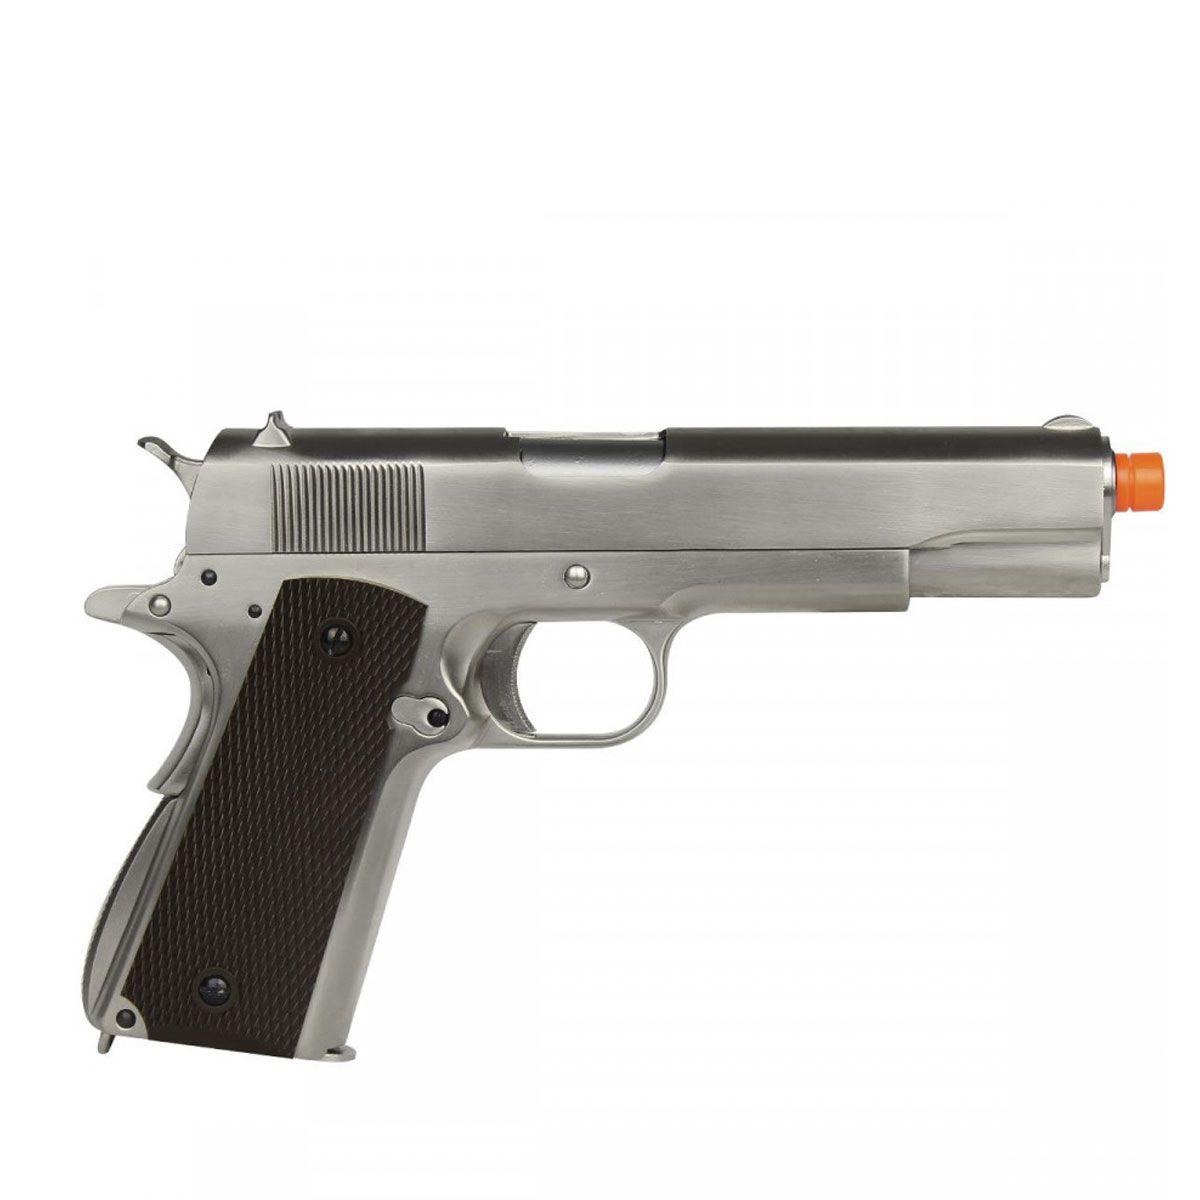 Pistola Airsoft 1911 Matte Brown Cromada GEN 2 Full Metal GBB - WE